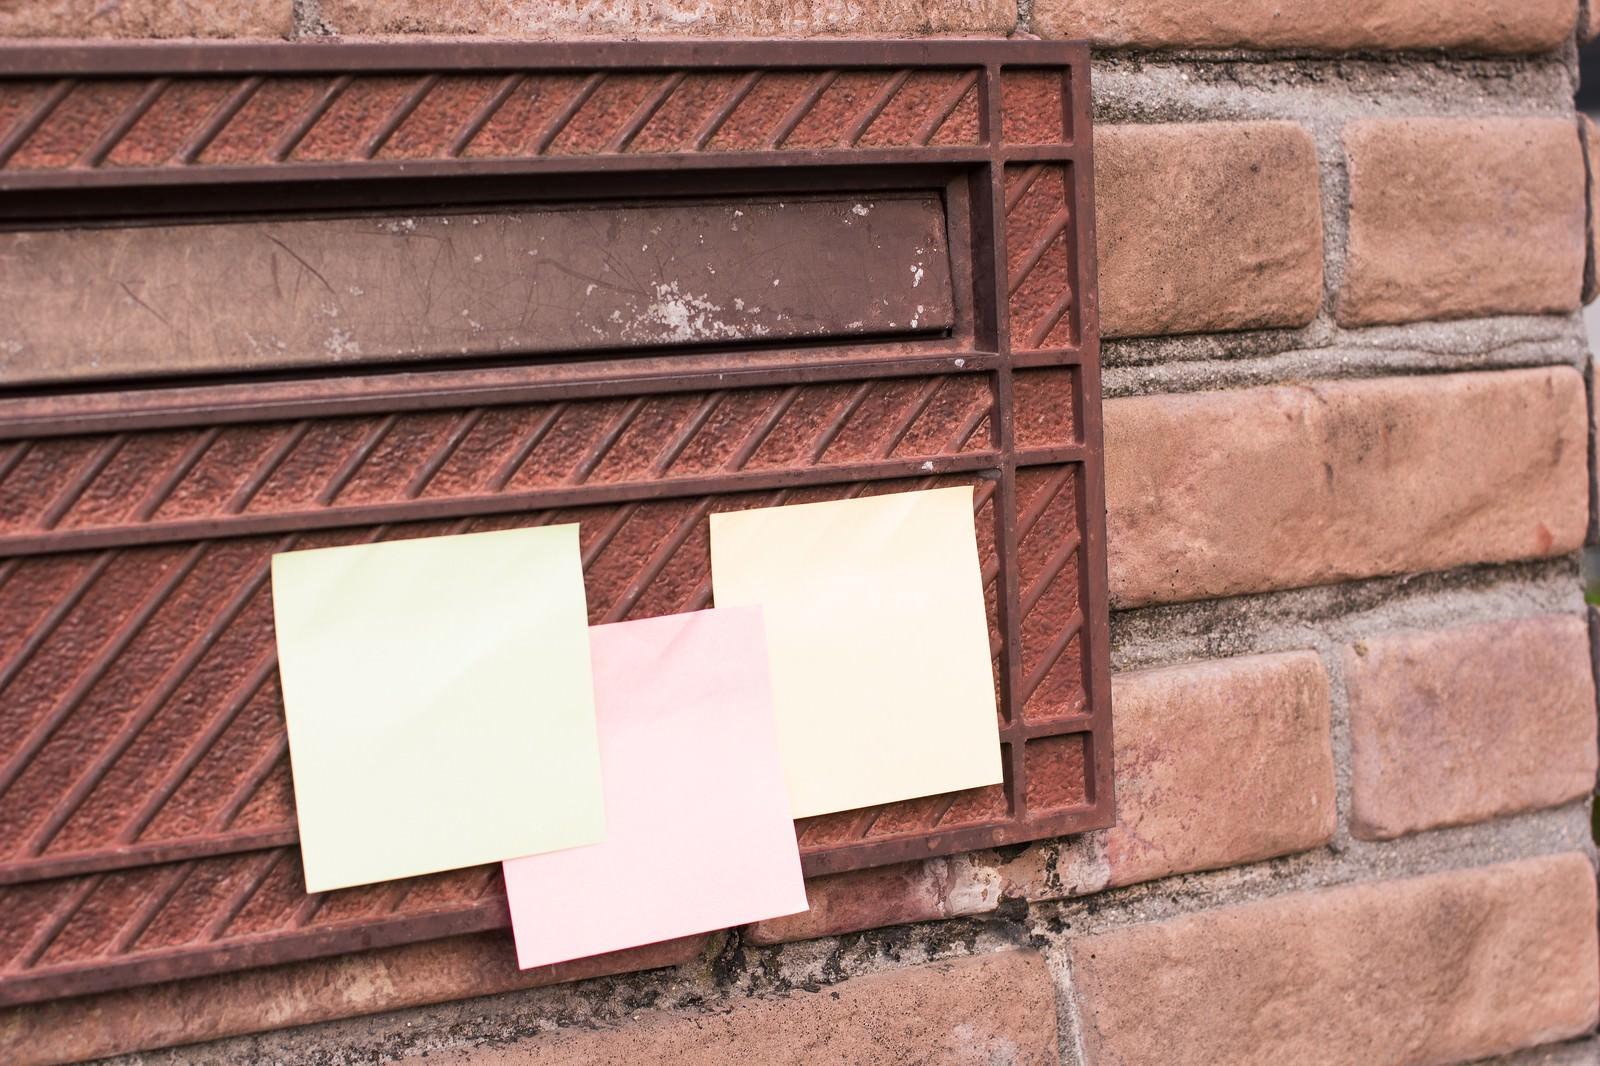 「郵便受けに貼られたメモ」の写真